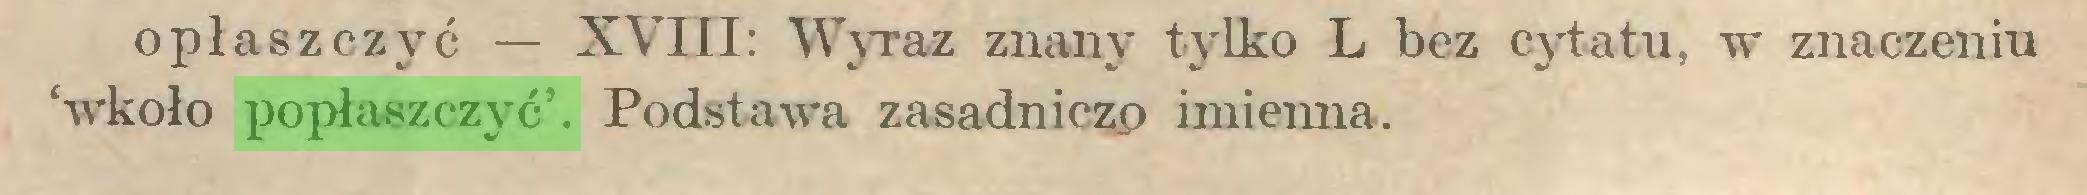 (...) opłas zczyć — XVIII: Wyraz znany tylko L bez cytatu, w znaczeniu 'wkoło popłaszczyć'. Podstawa zasadniczo imienna...